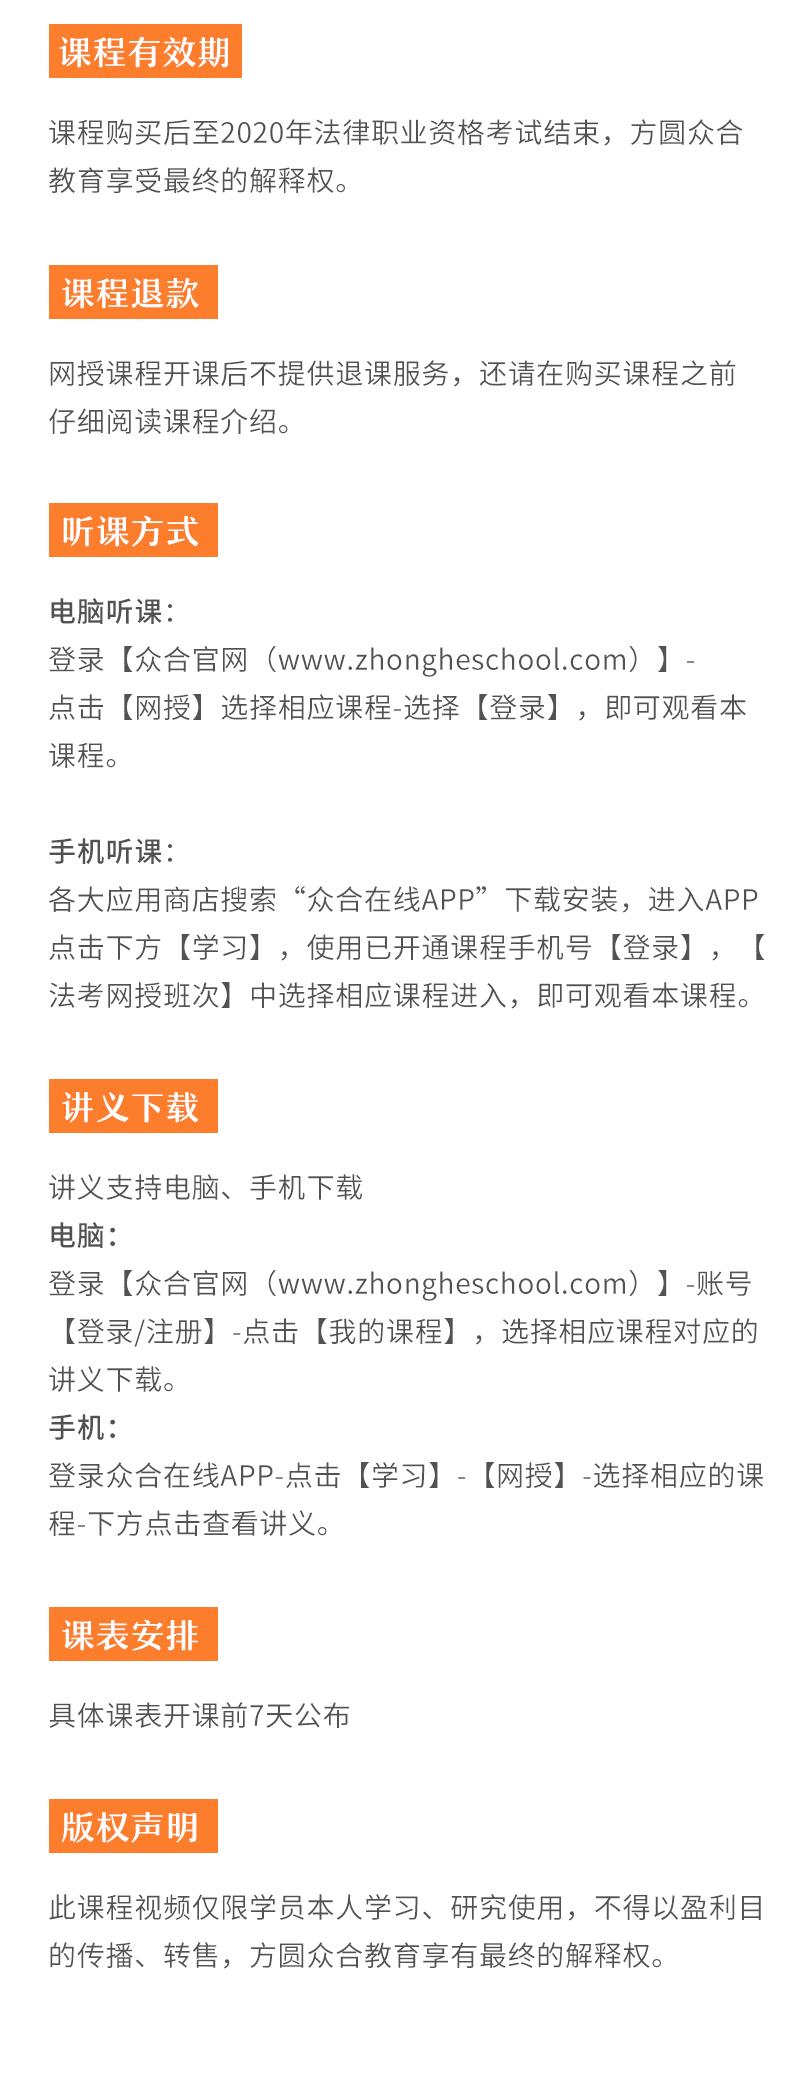 VIP超級系統強化課程_05.png